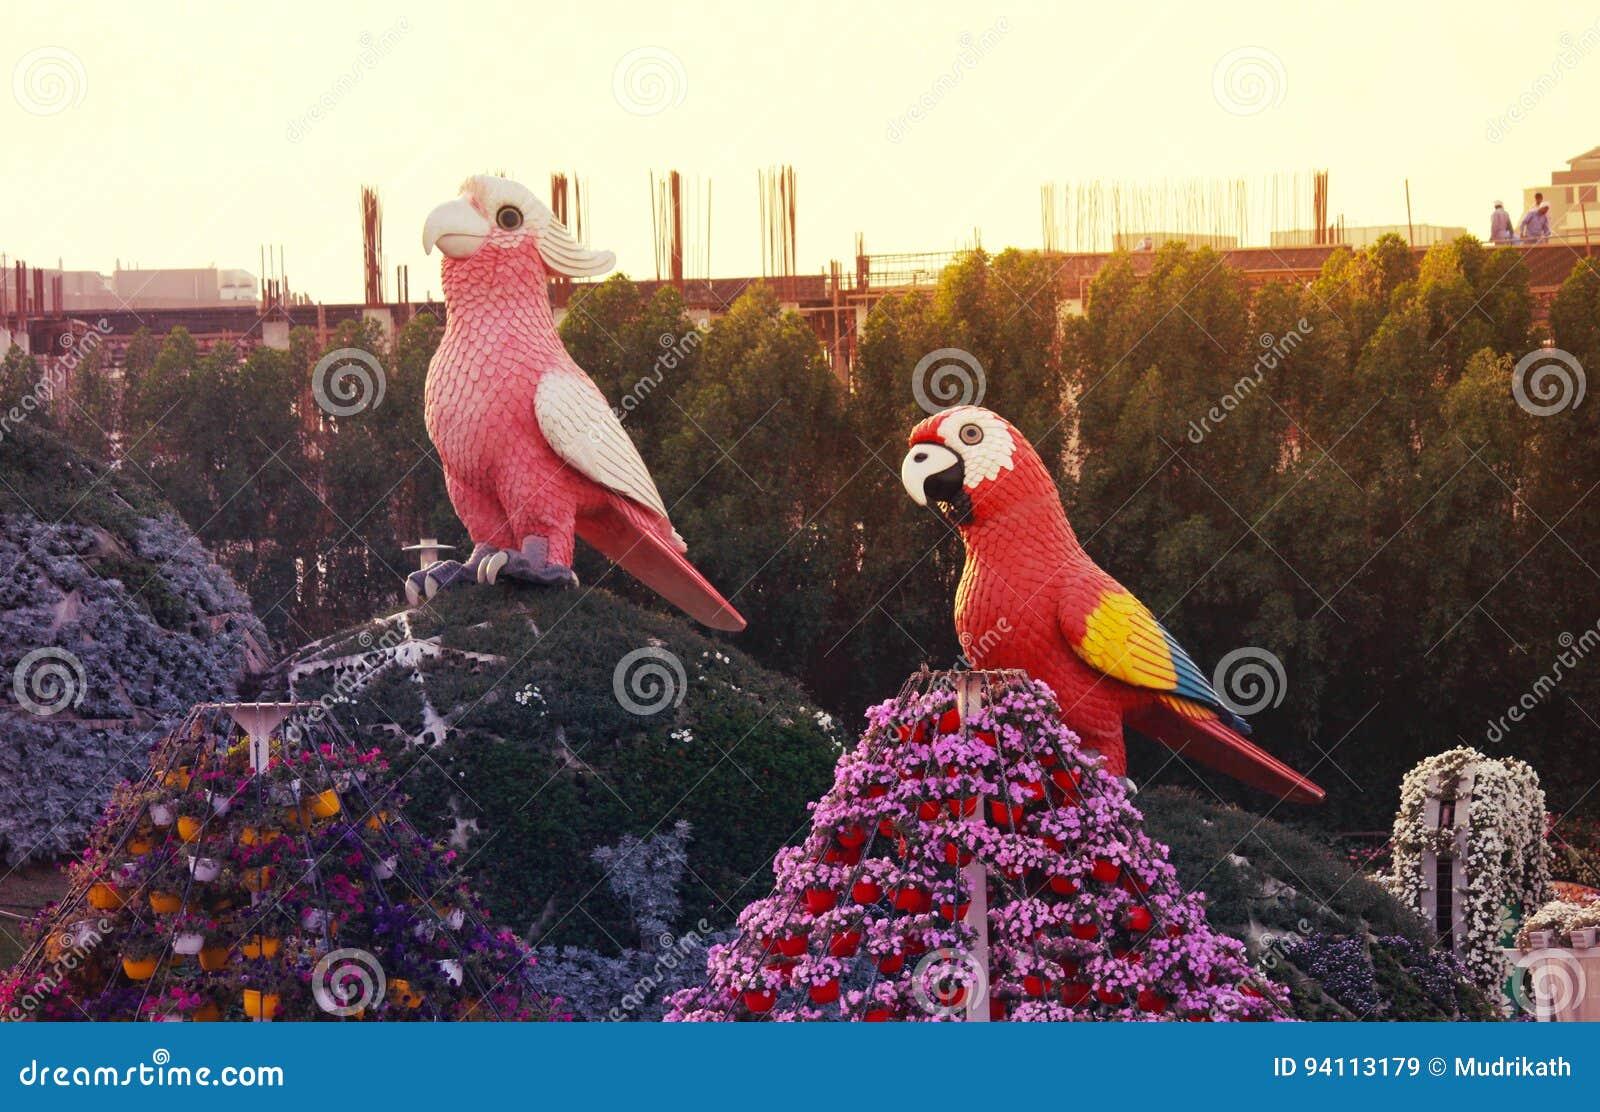 Fleur De Jardin De Miracle De Dubaï Image stock éditorial - Image du ...